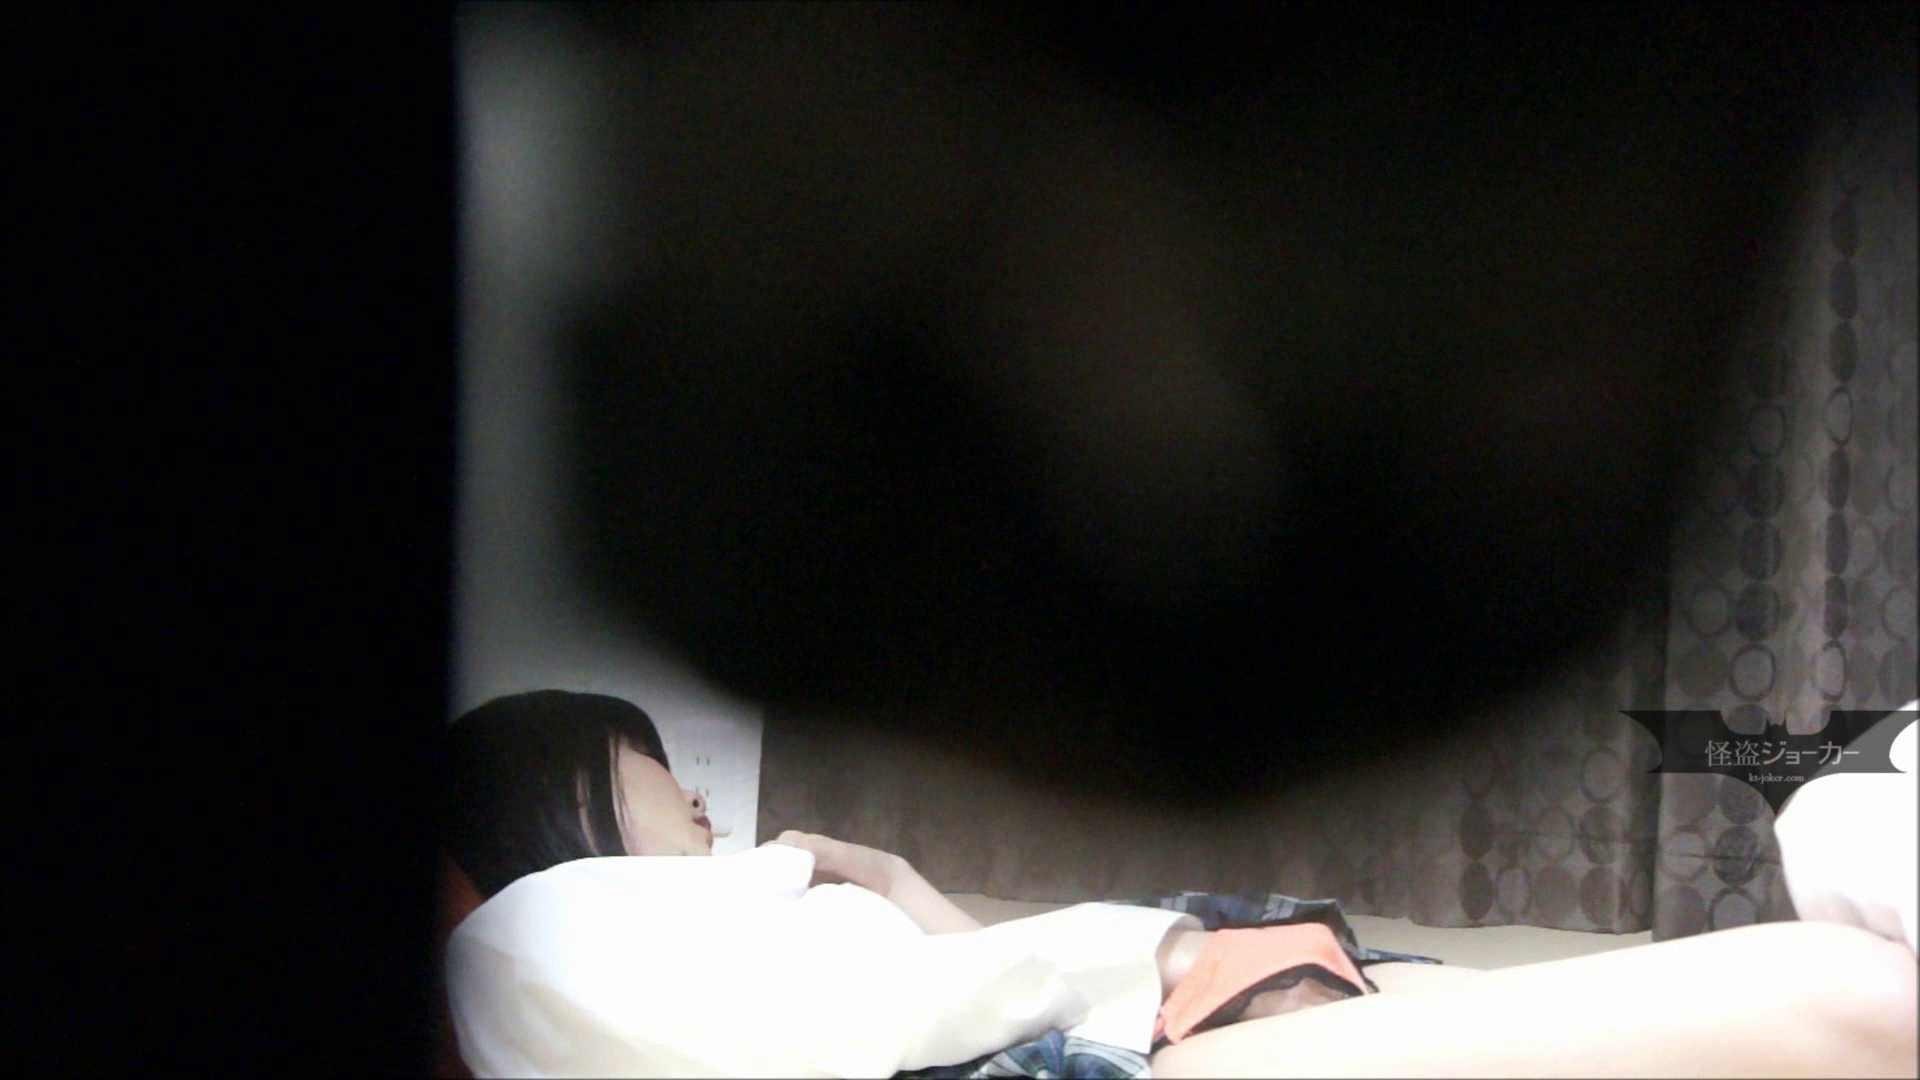 【未公開】vol.54【小春】脱衣所とオナニー隠し撮り オナニー  92pic 49